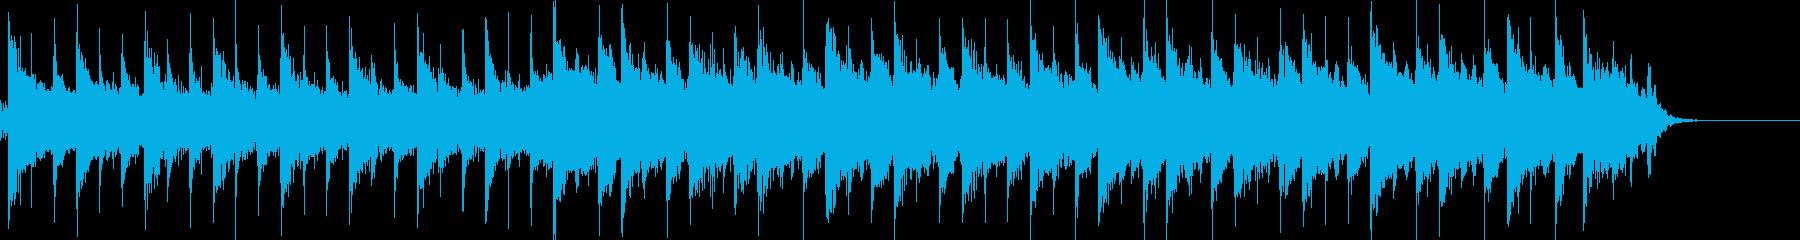 46秒ほどのゆったりとした、プレリュードの再生済みの波形